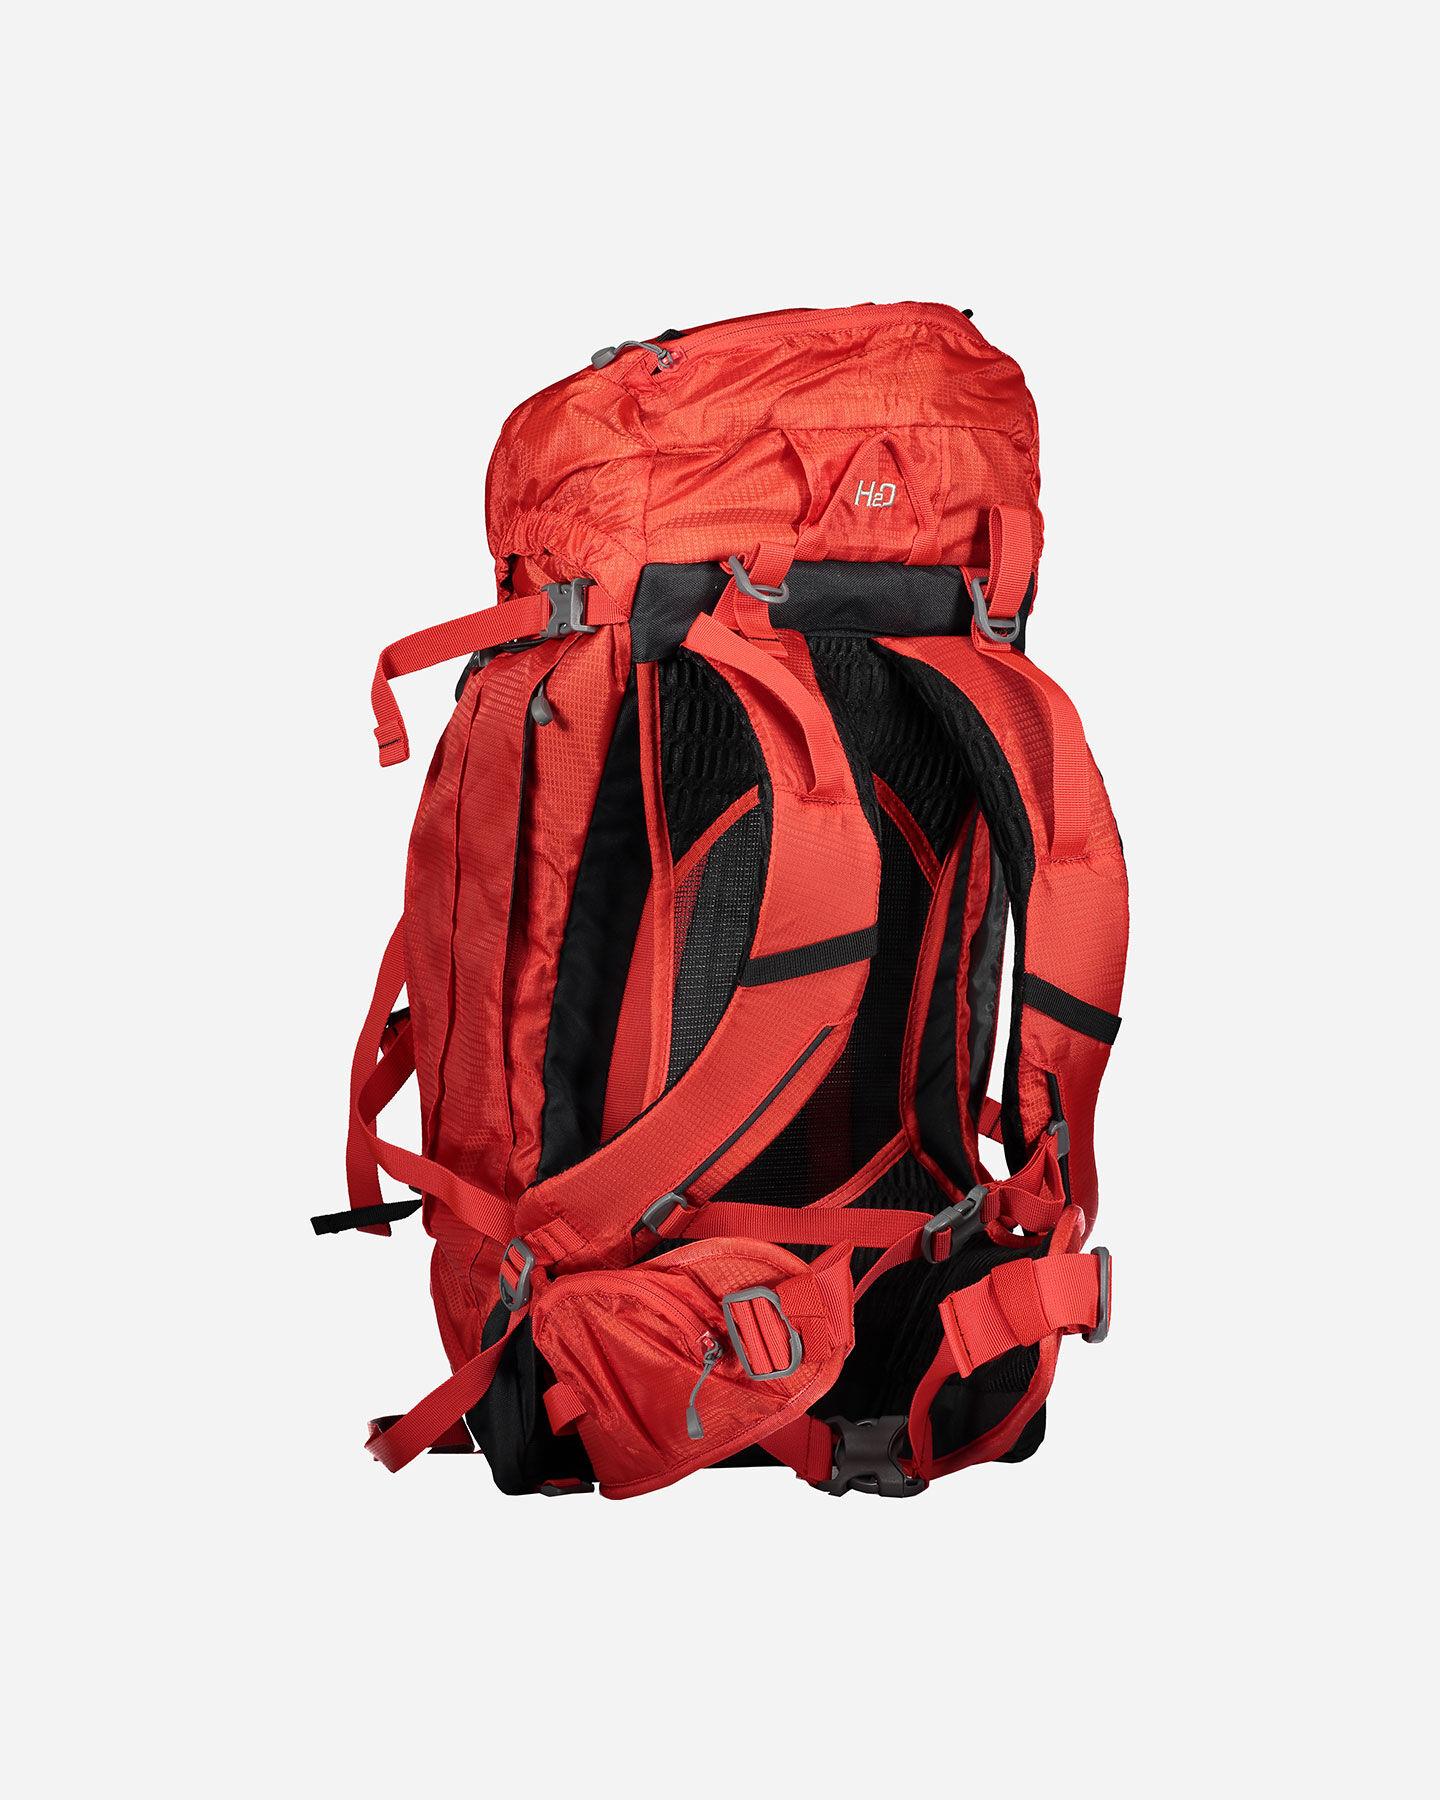 Zaino escursionismo FERRINO FINISTERRE 38 S4084388|HRR|UNI scatto 1